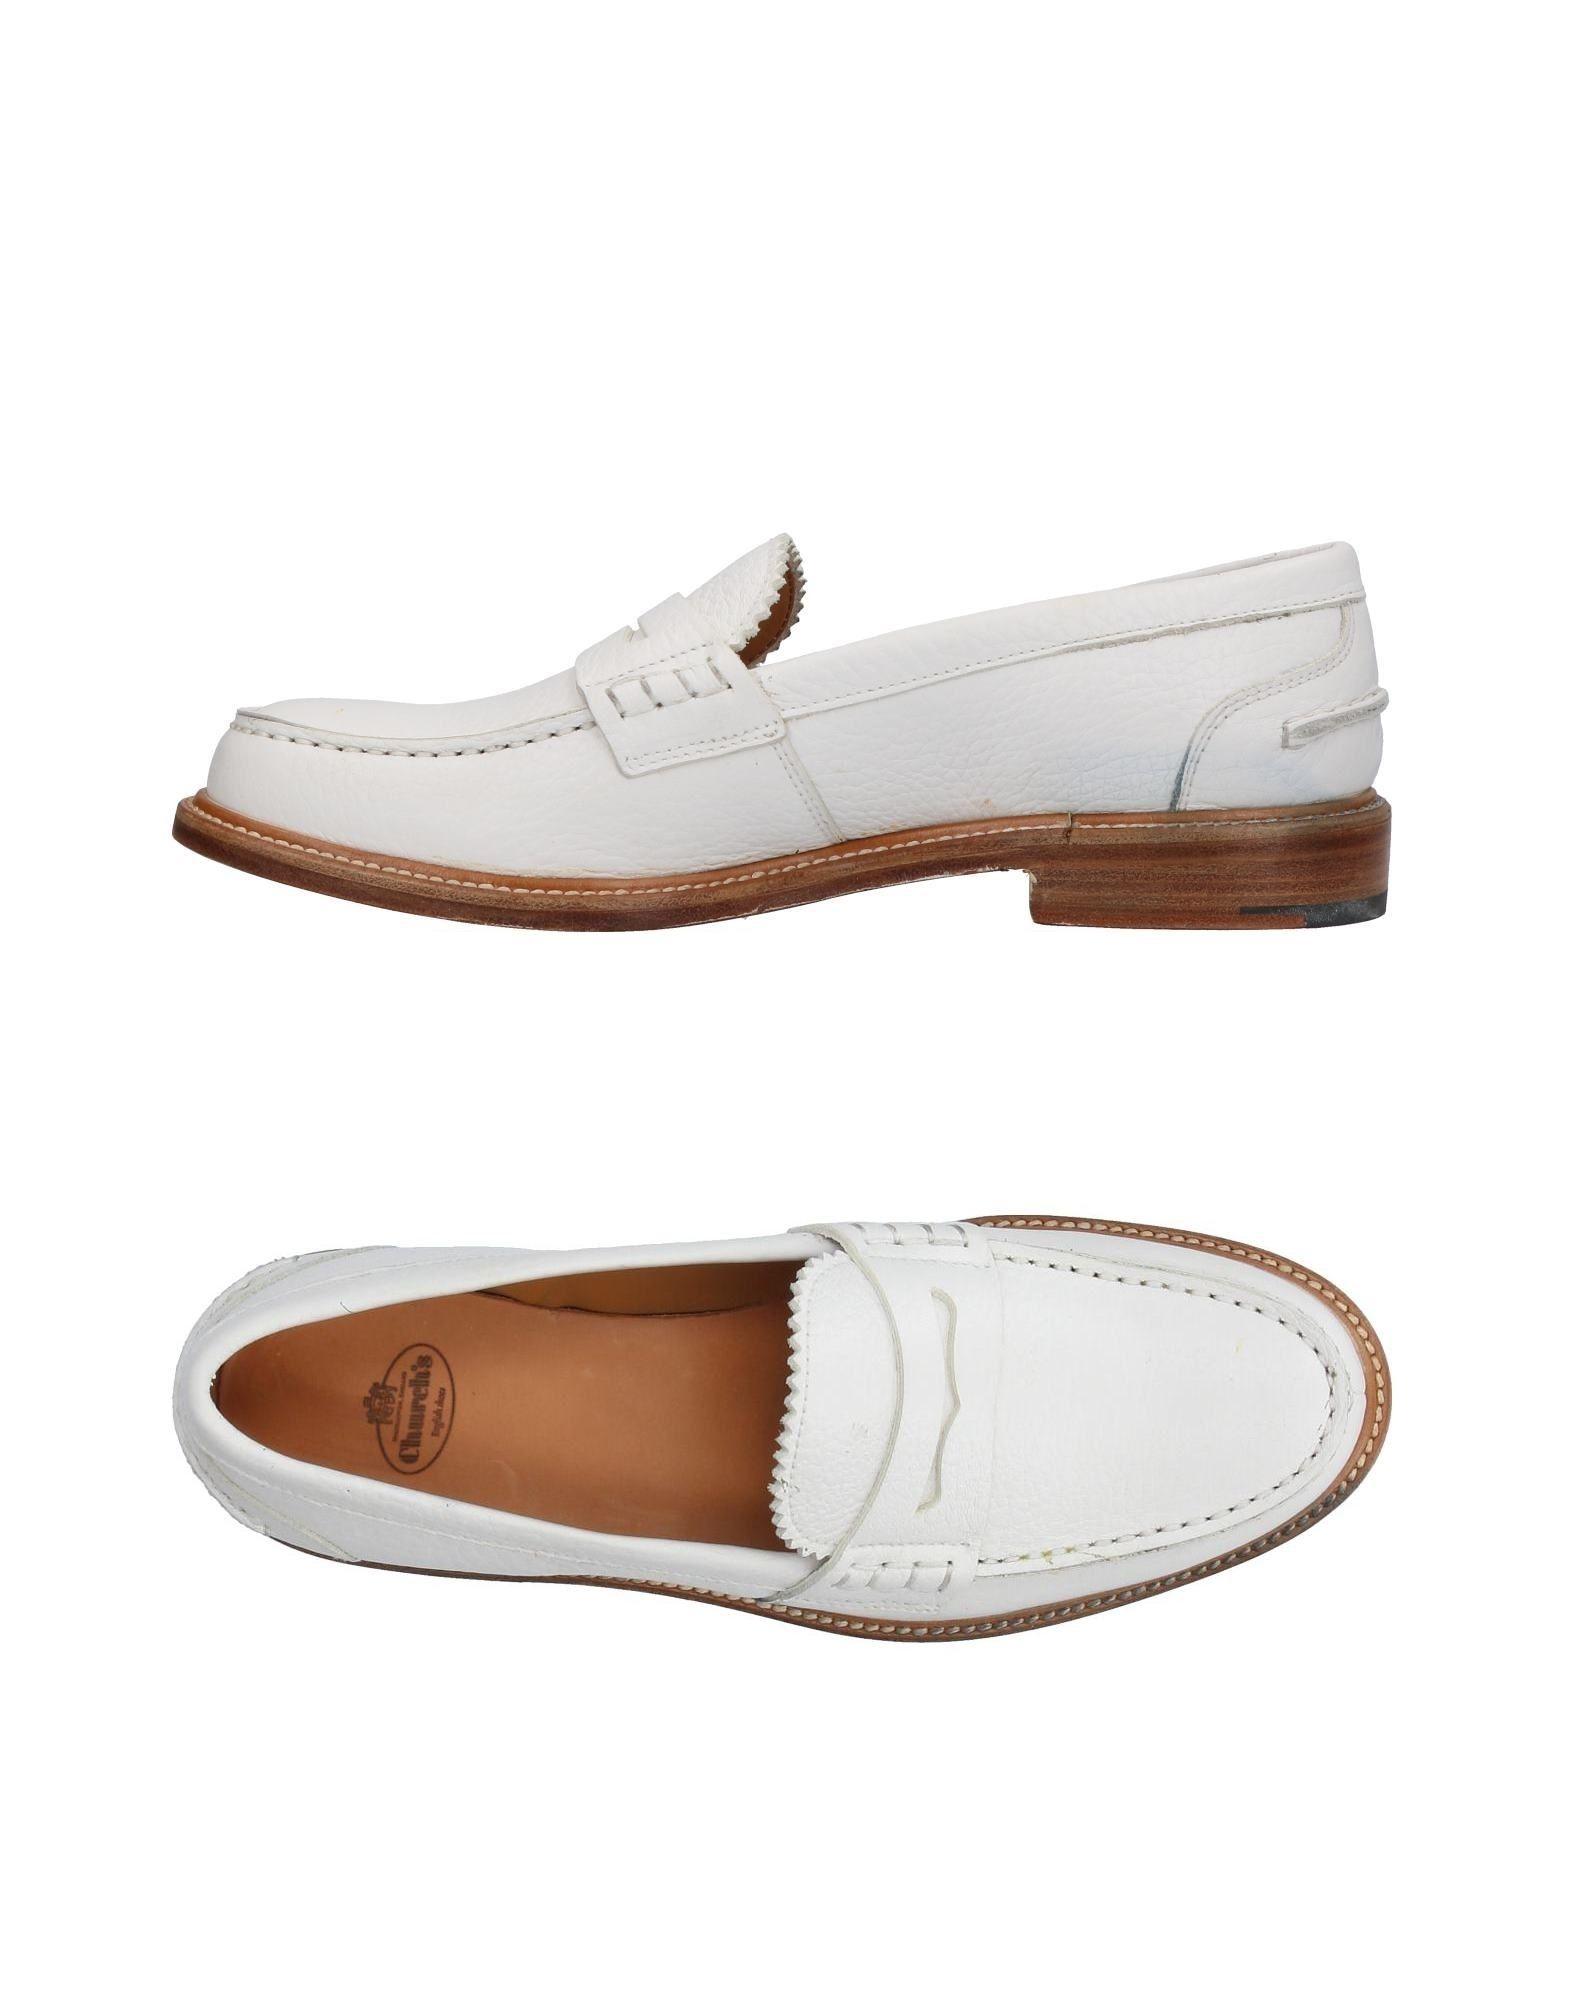 CHURCH´S Damen Mokassin Farbe Weiß Größe 9 jetztbilligerkaufen